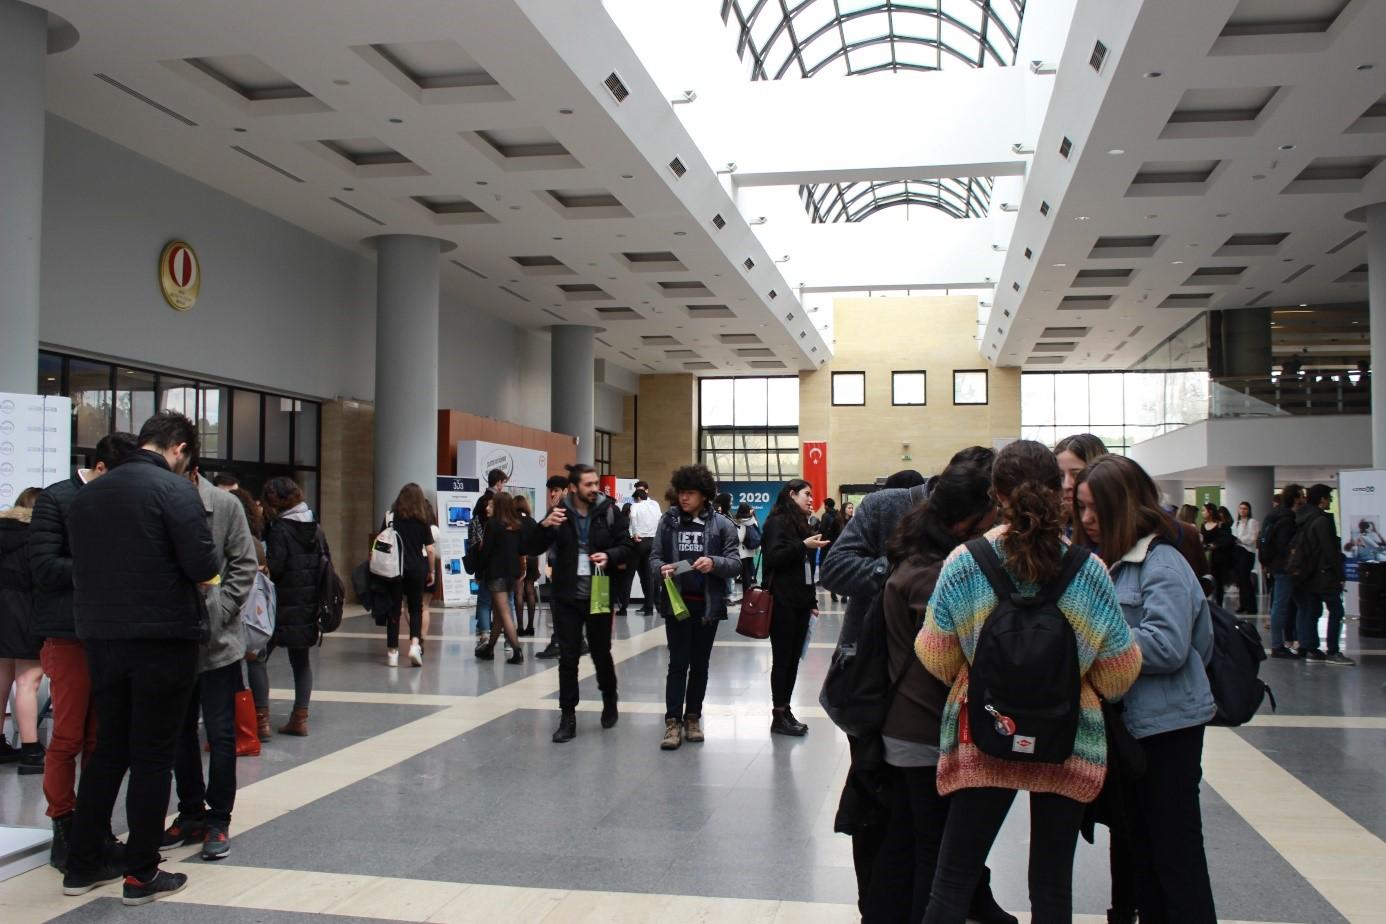 Üniversitede Bir Sonraki Adıma Hazırlanmak: Kariyer Toplulukları 5